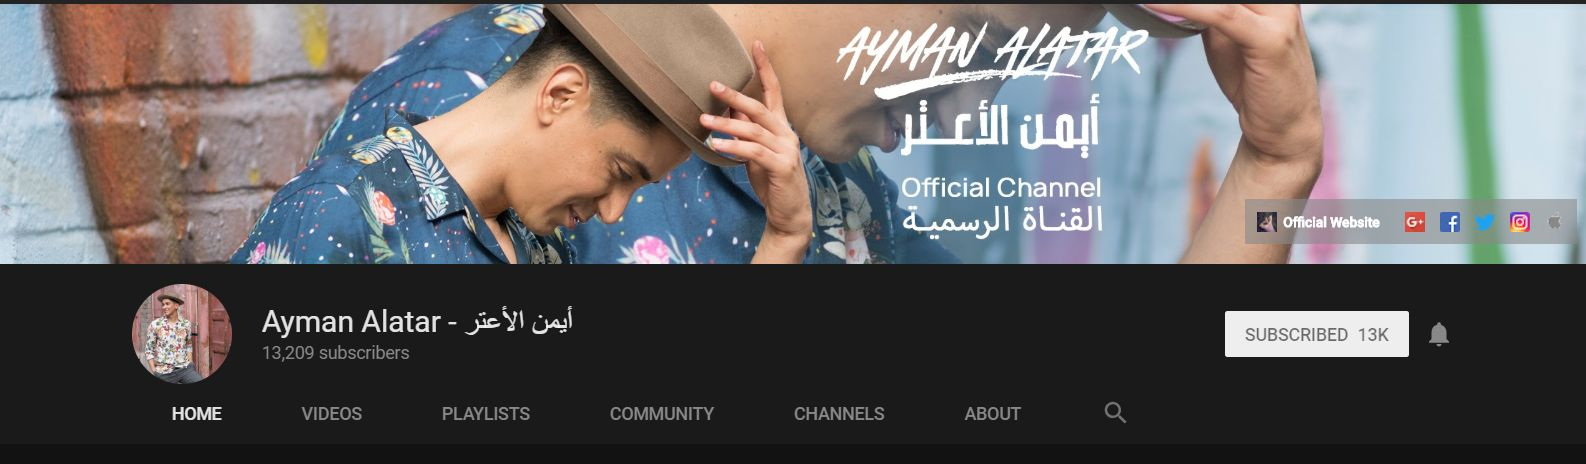 قناة ايمن الاعتر على يوتيوب